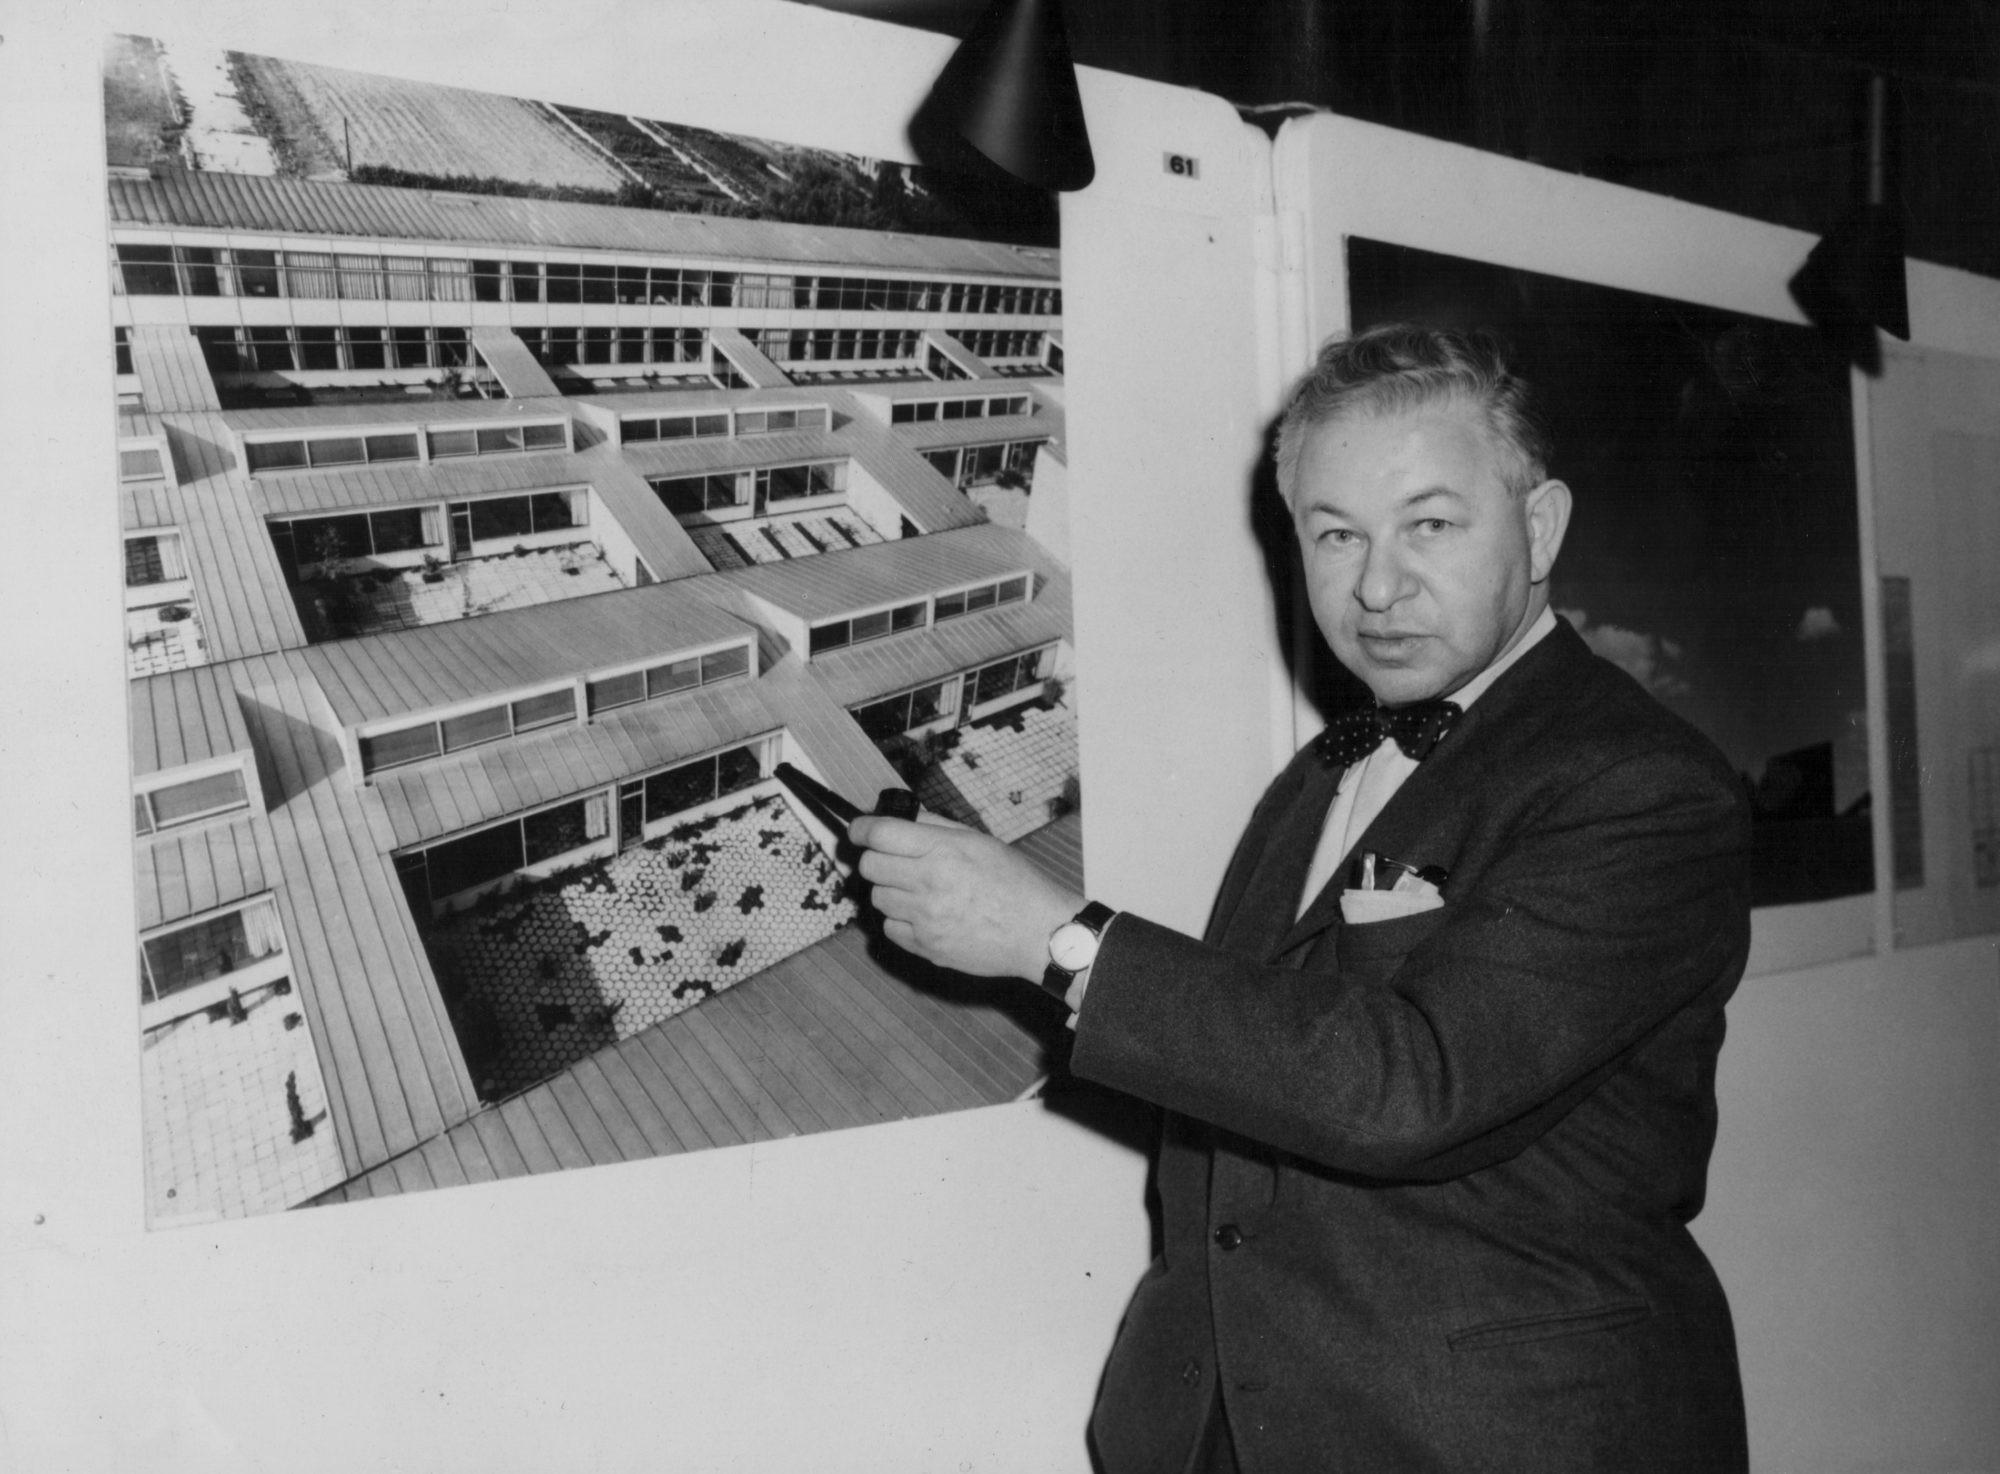 Arne Jacobsen predstavuje jednu zo škôl, ktorú sám navrhol. 1959, Londýn